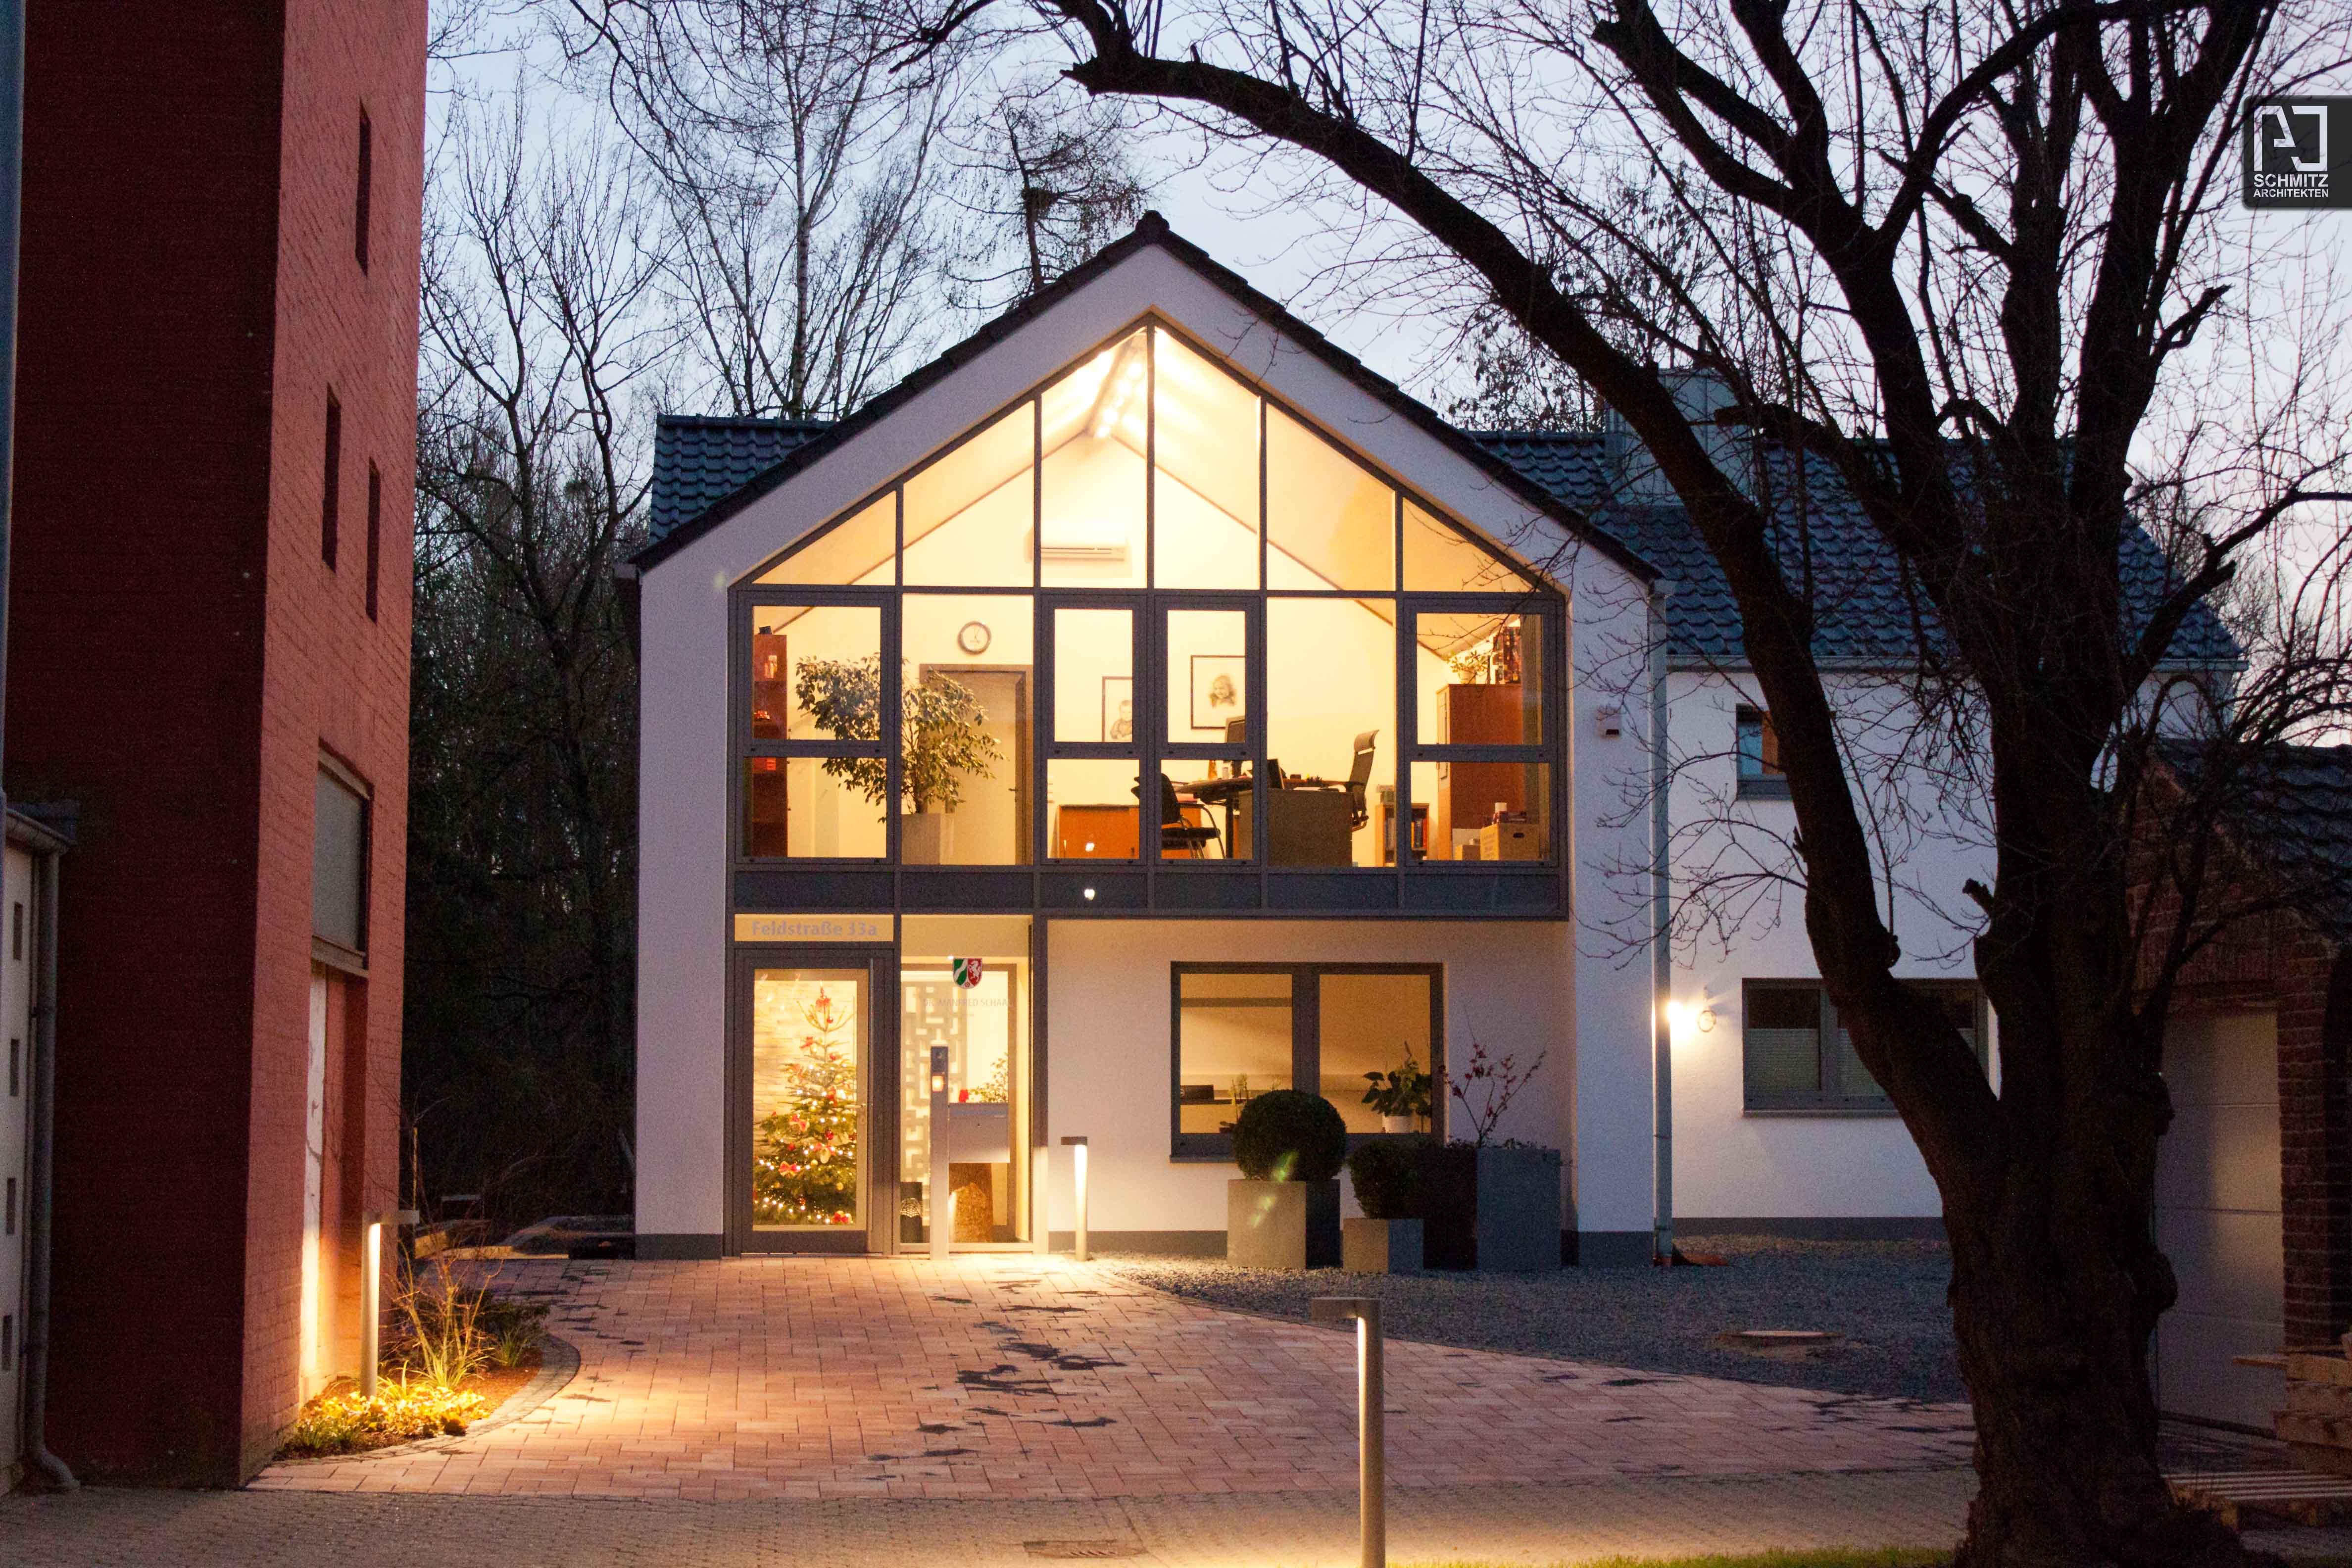 Architekt Kleve architekt kleve anfragen h verkerk ing architekt bda heinz